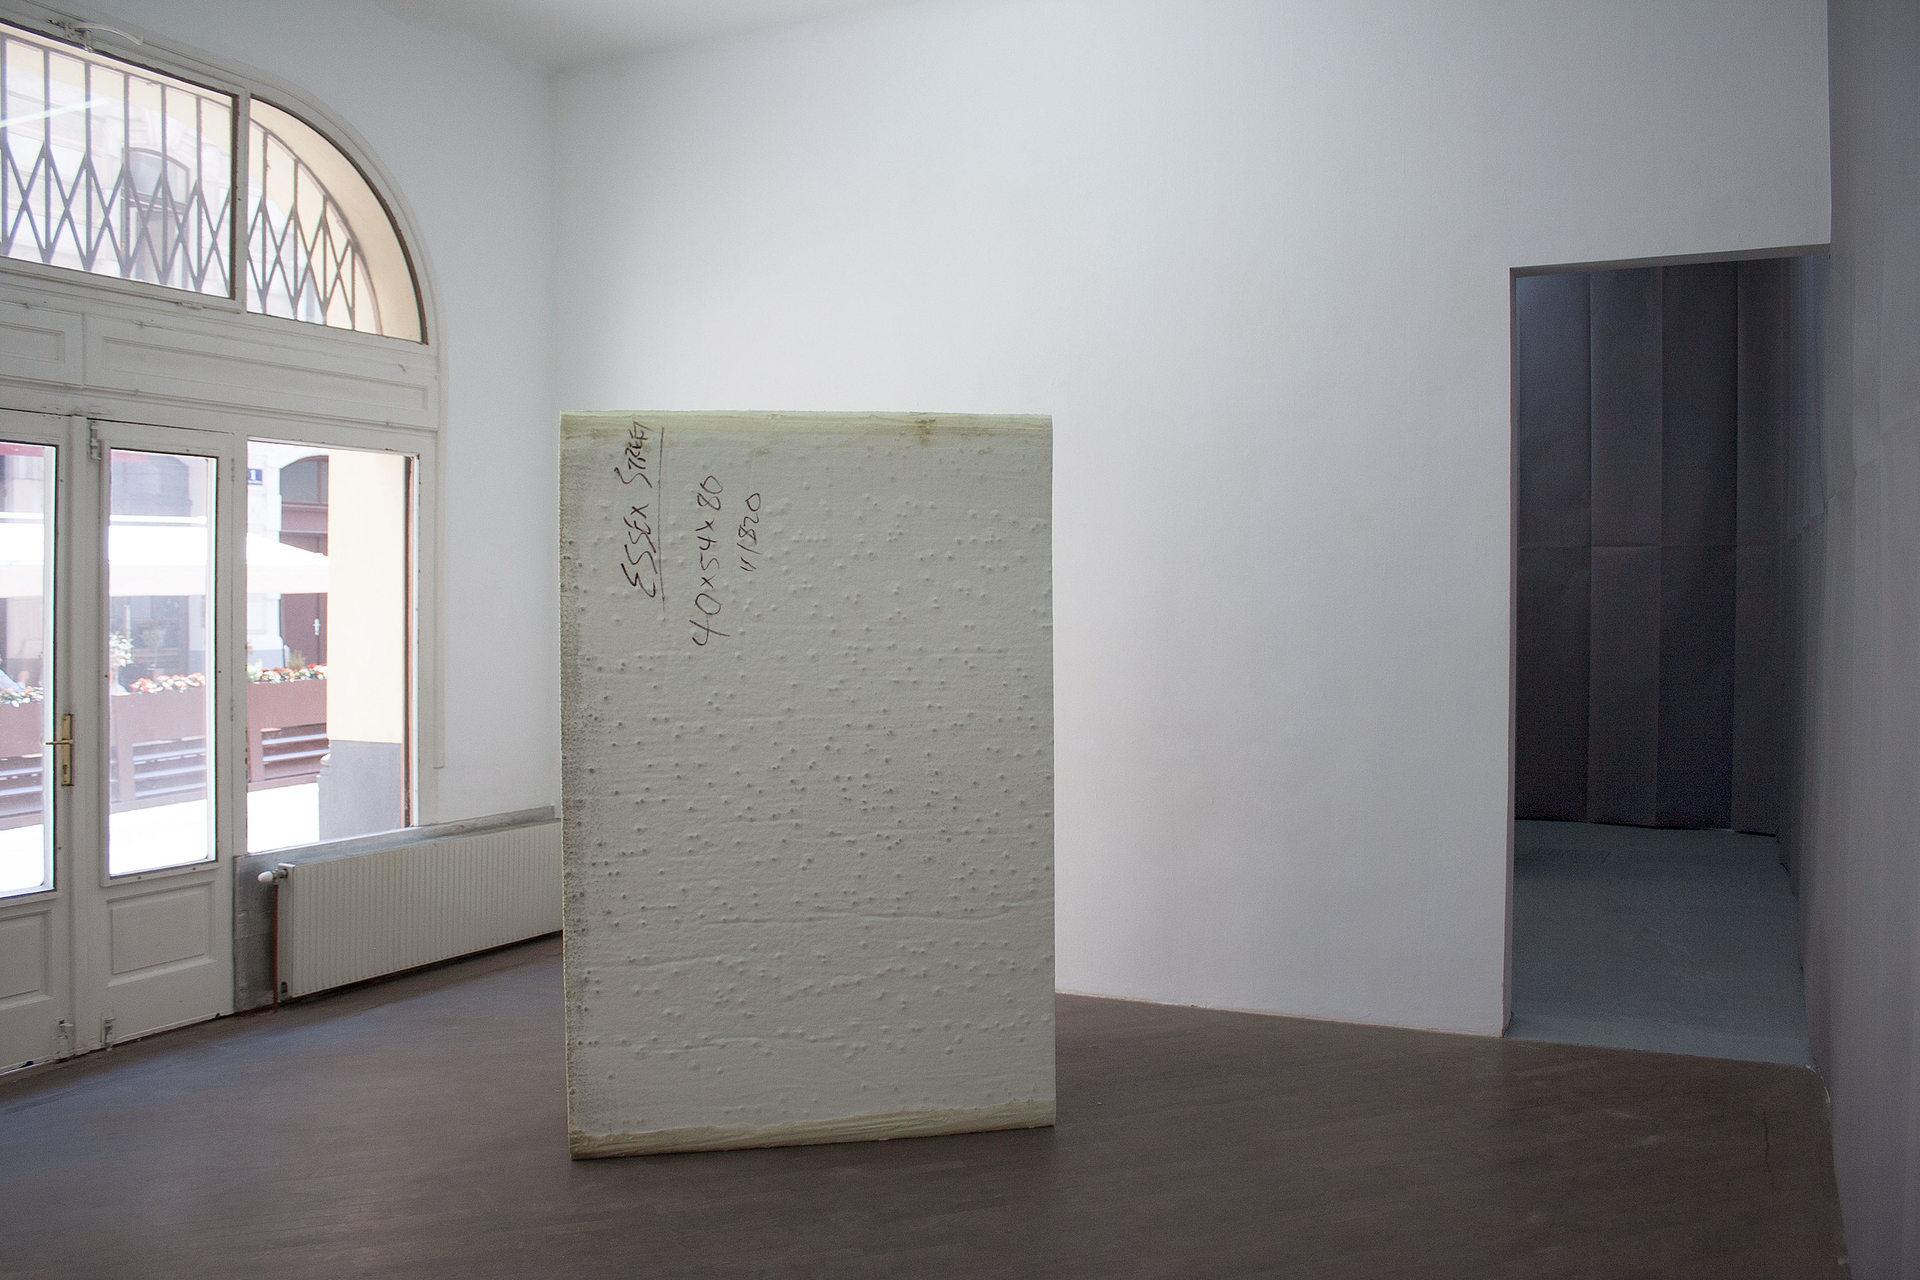 #5-Gerber_McArthur_Nutt_-final-installation-view